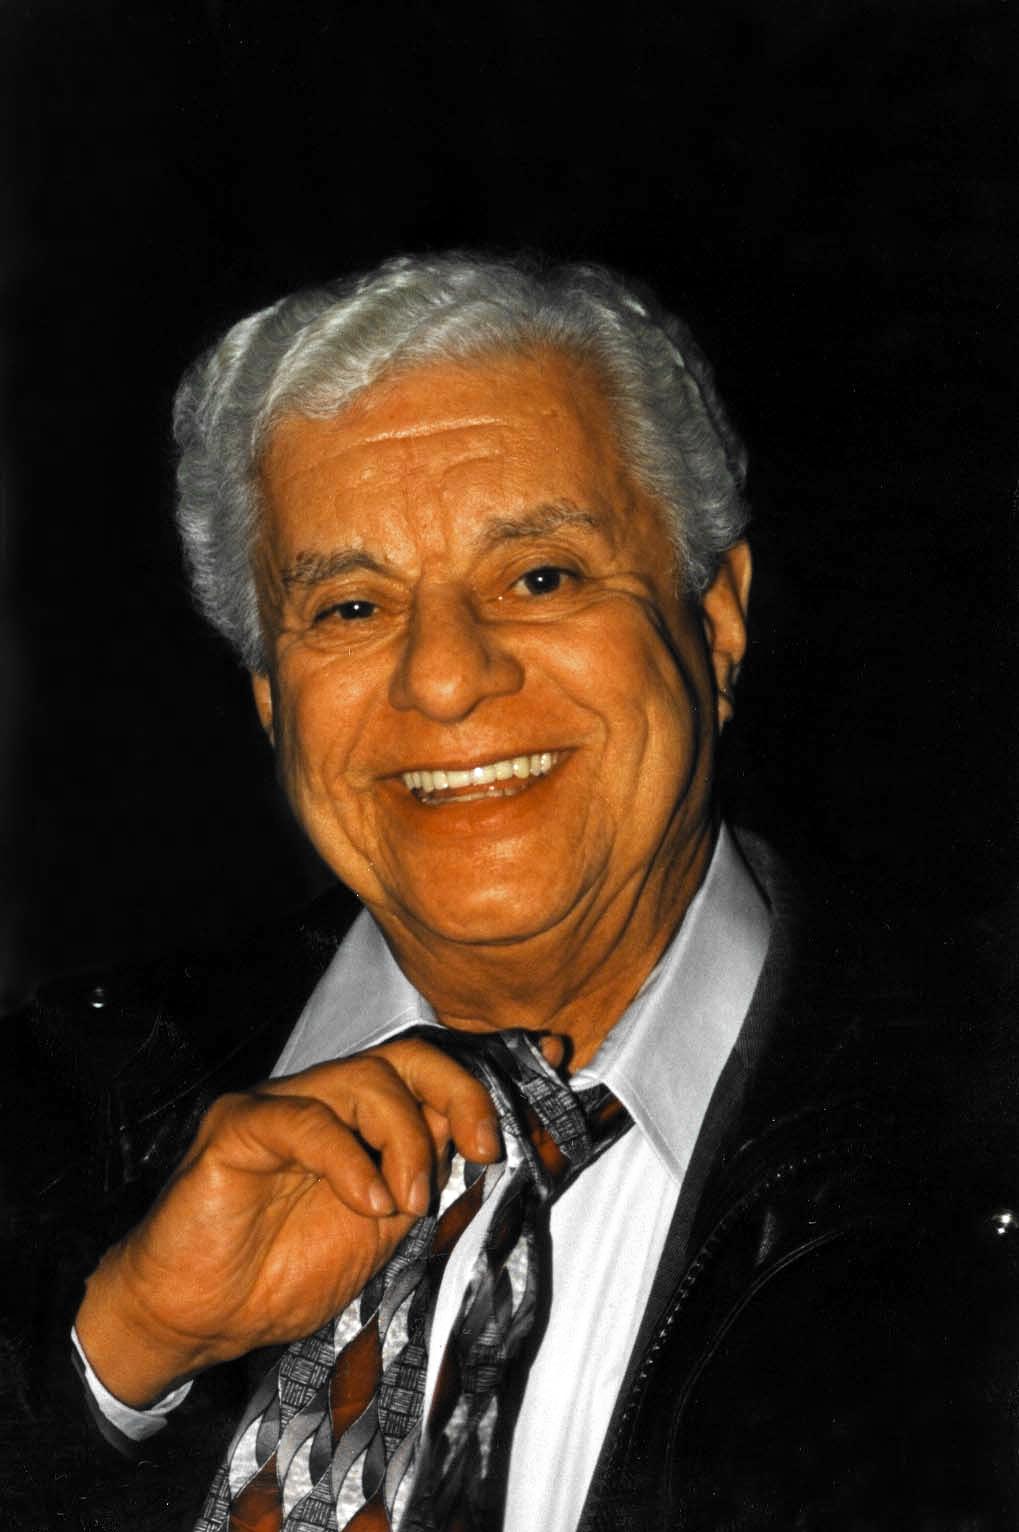 Photo Tito Puente via Opendata BNF